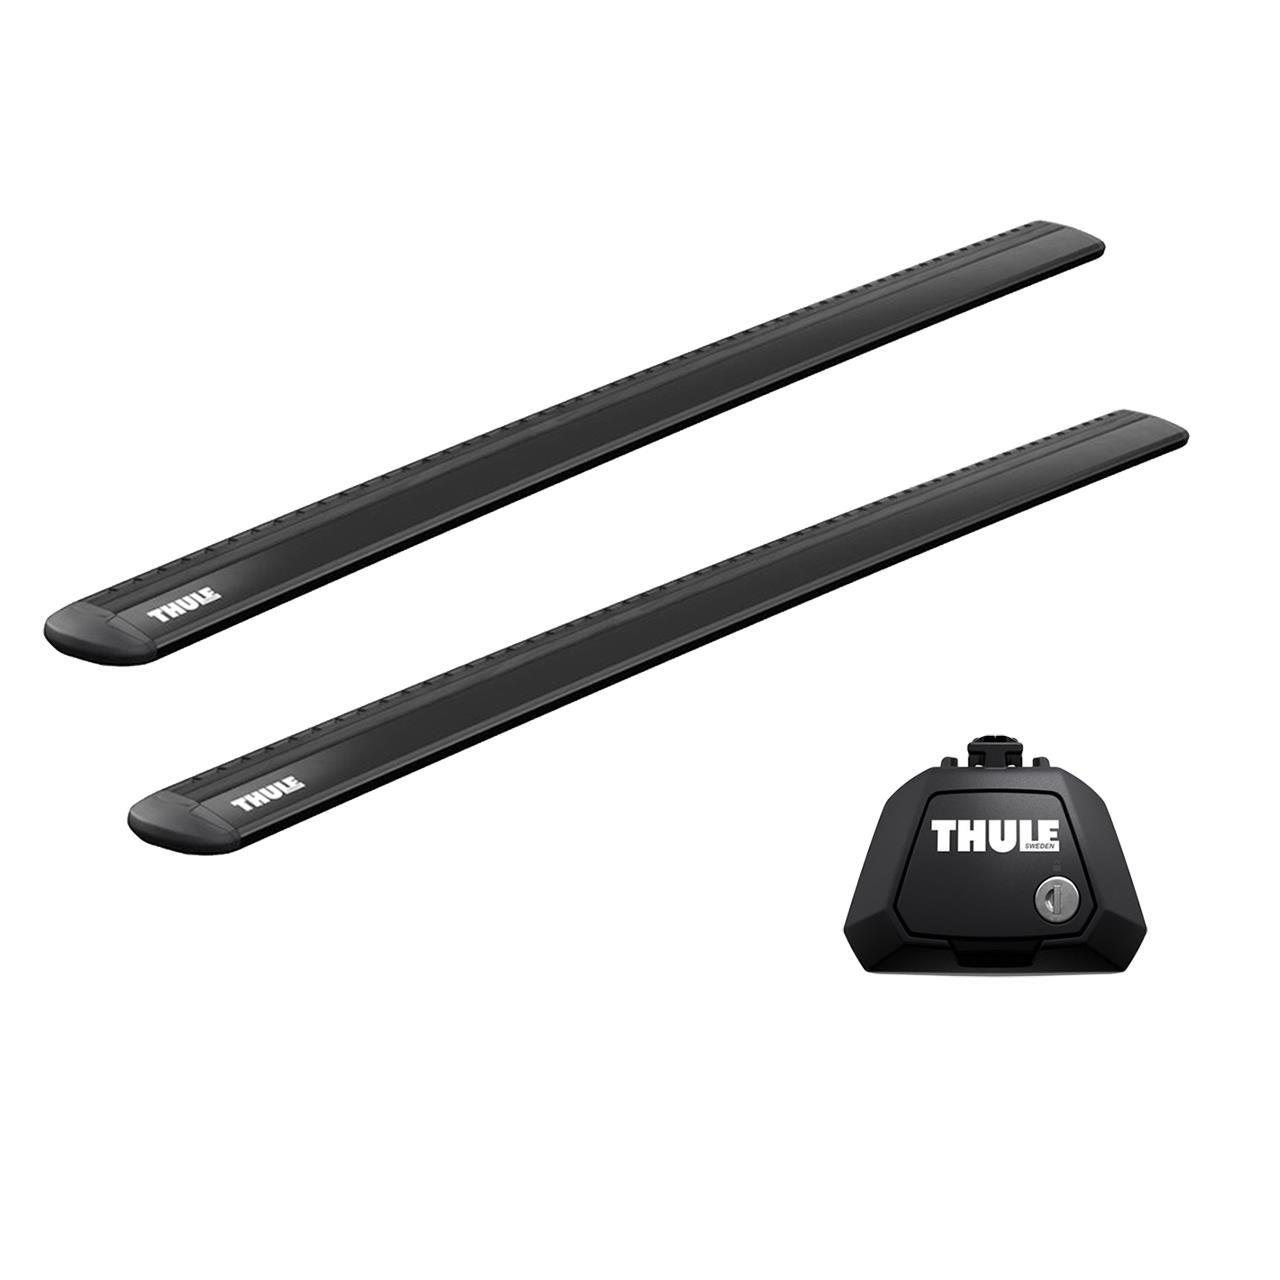 Напречни греди Thule Evo Raised Rail WingBar Evo 127cm в Черно за DODGE Journey 5 врати SUV 2012- с фабрични надлъжни греди с просвет 1